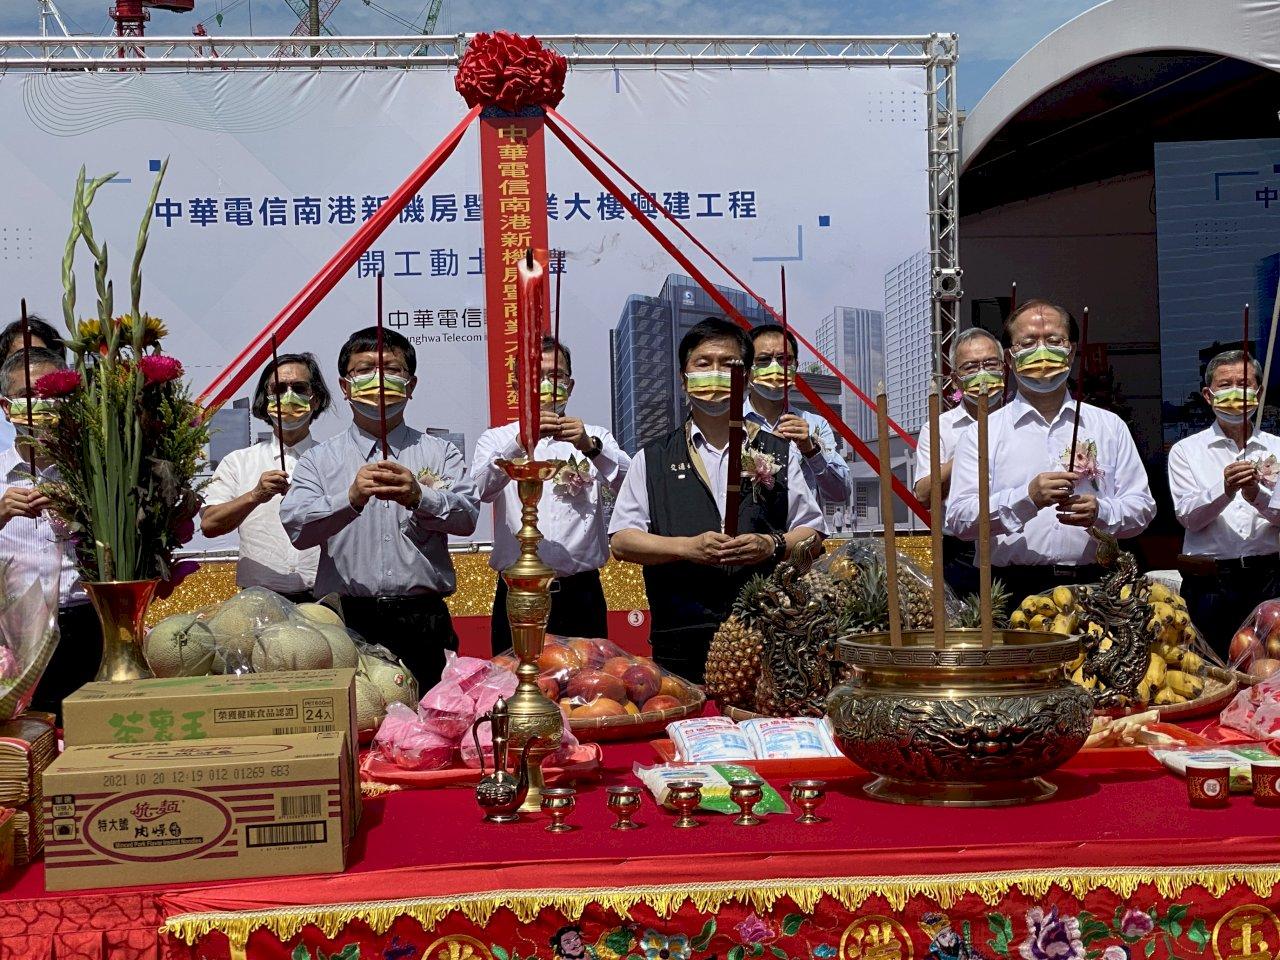 中華電信南港新機房暨商辦大樓今開工 祁文中:感謝、欽佩、期待